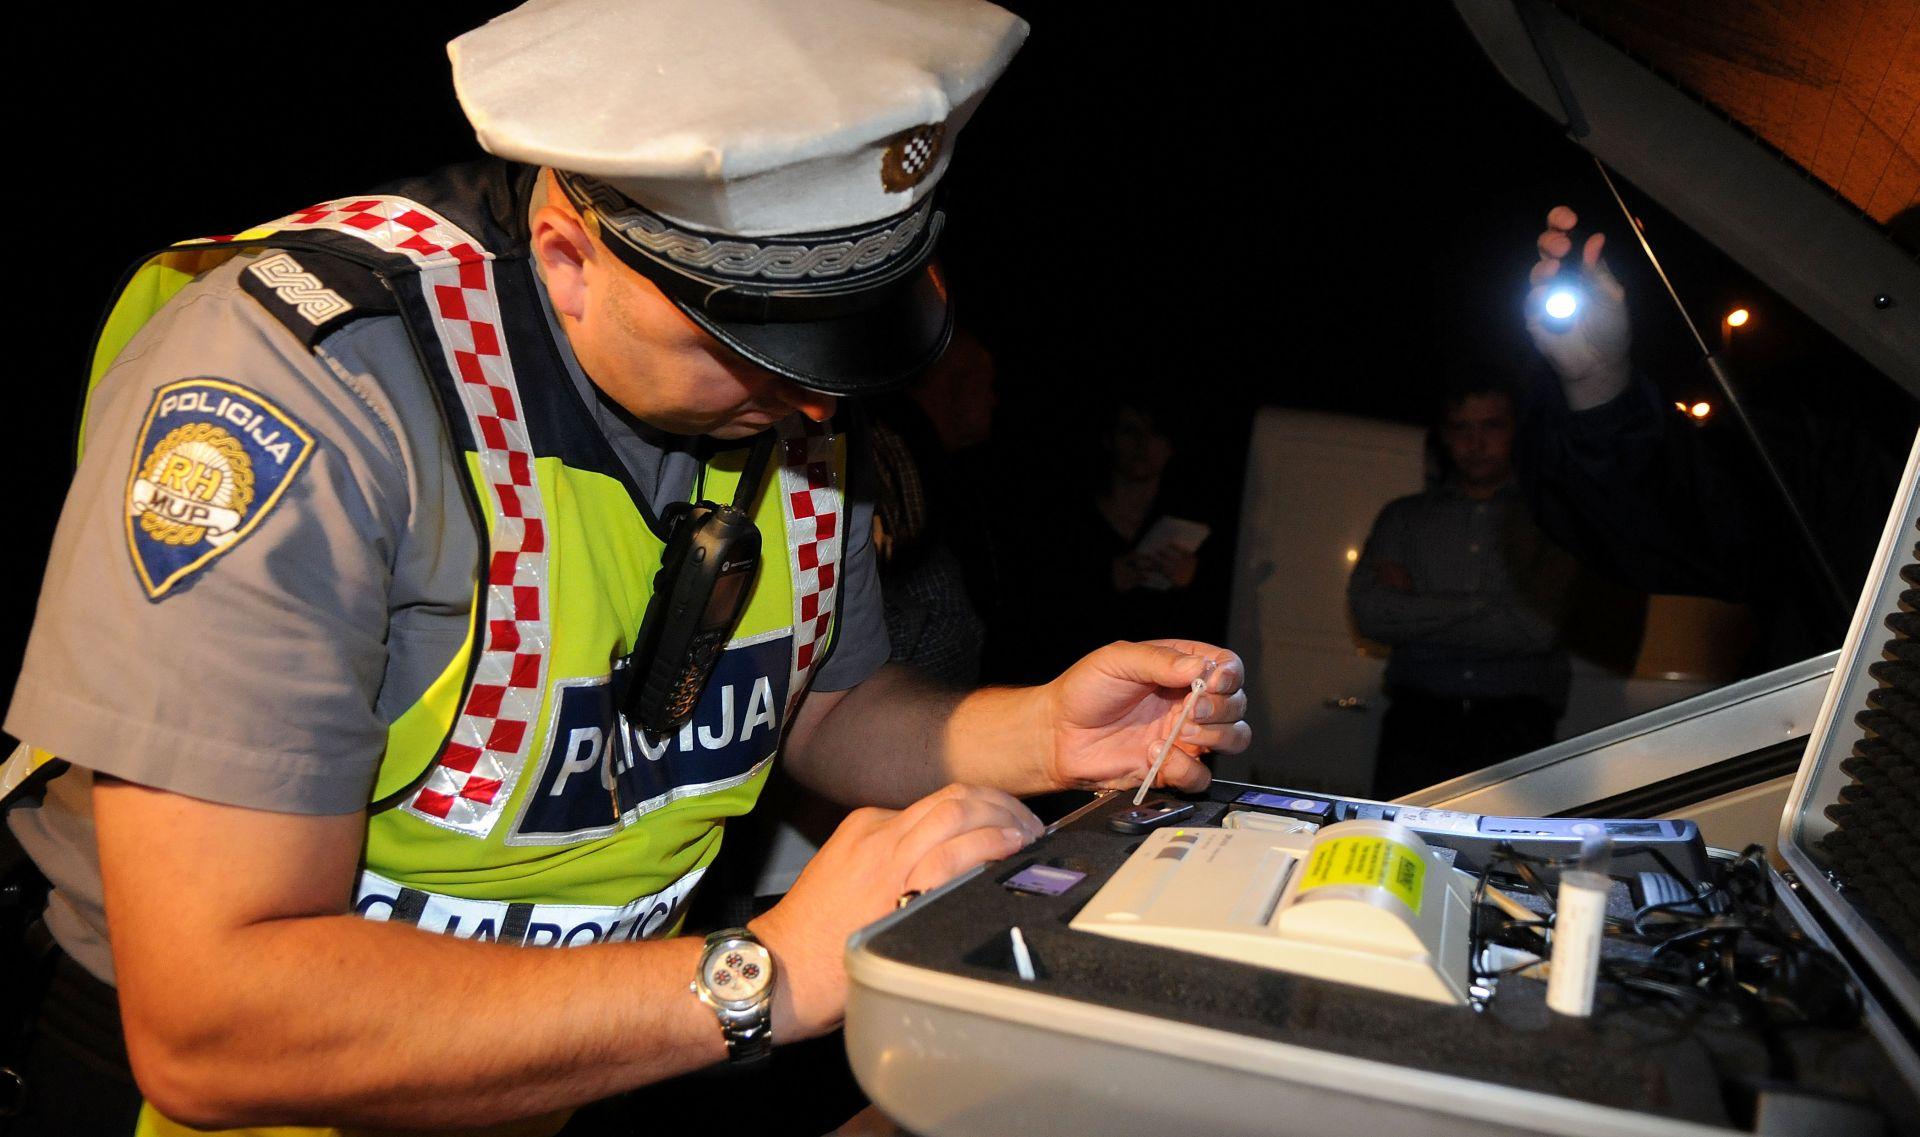 Zagrebačka policija provodi nadzor vozača pod utjecajem droga i alkohola